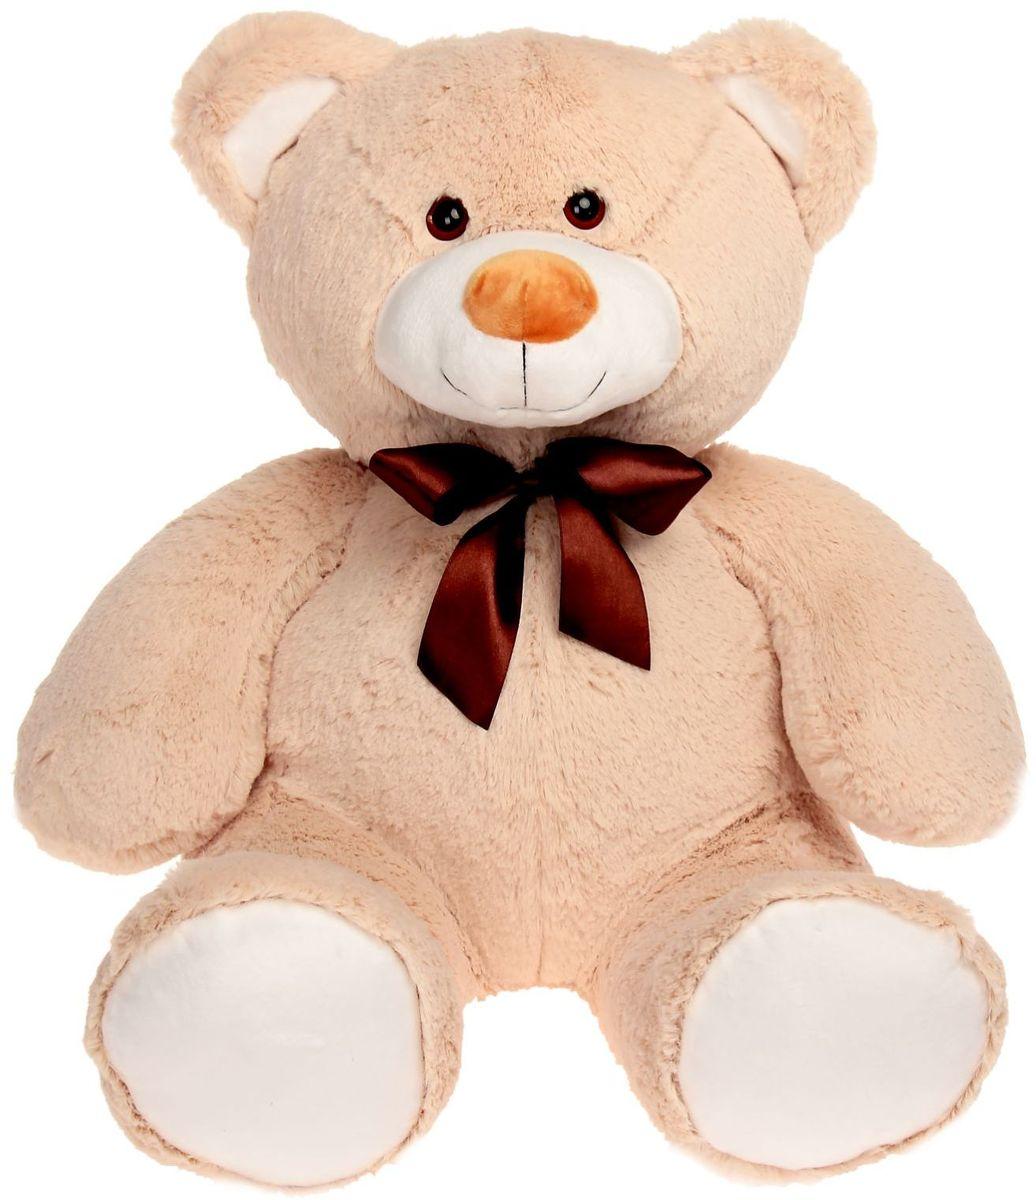 Купить Princess Love Мягкая игрушка Мишка Рон цвет бежевый 70 см 2057692, Сима-ленд, Мягкие игрушки